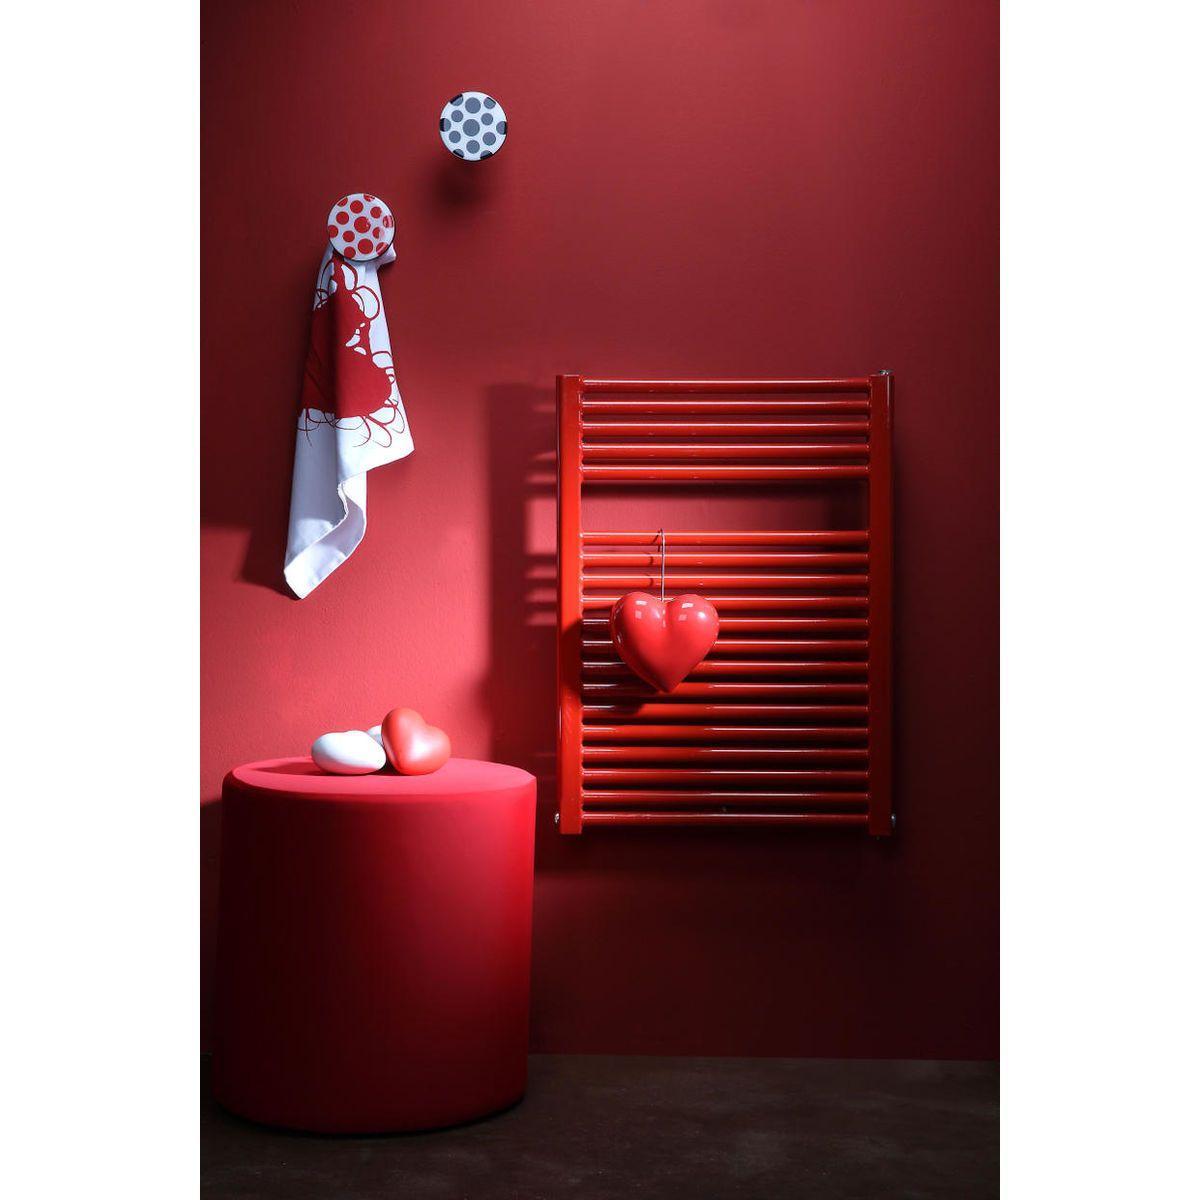 Appendiabiti a forma circolare della collezione Art-Up con pomello in acciaio inox e appendiabiti HPL rivestito in resina con grafica colorata a pois rossi su sfondo bianco